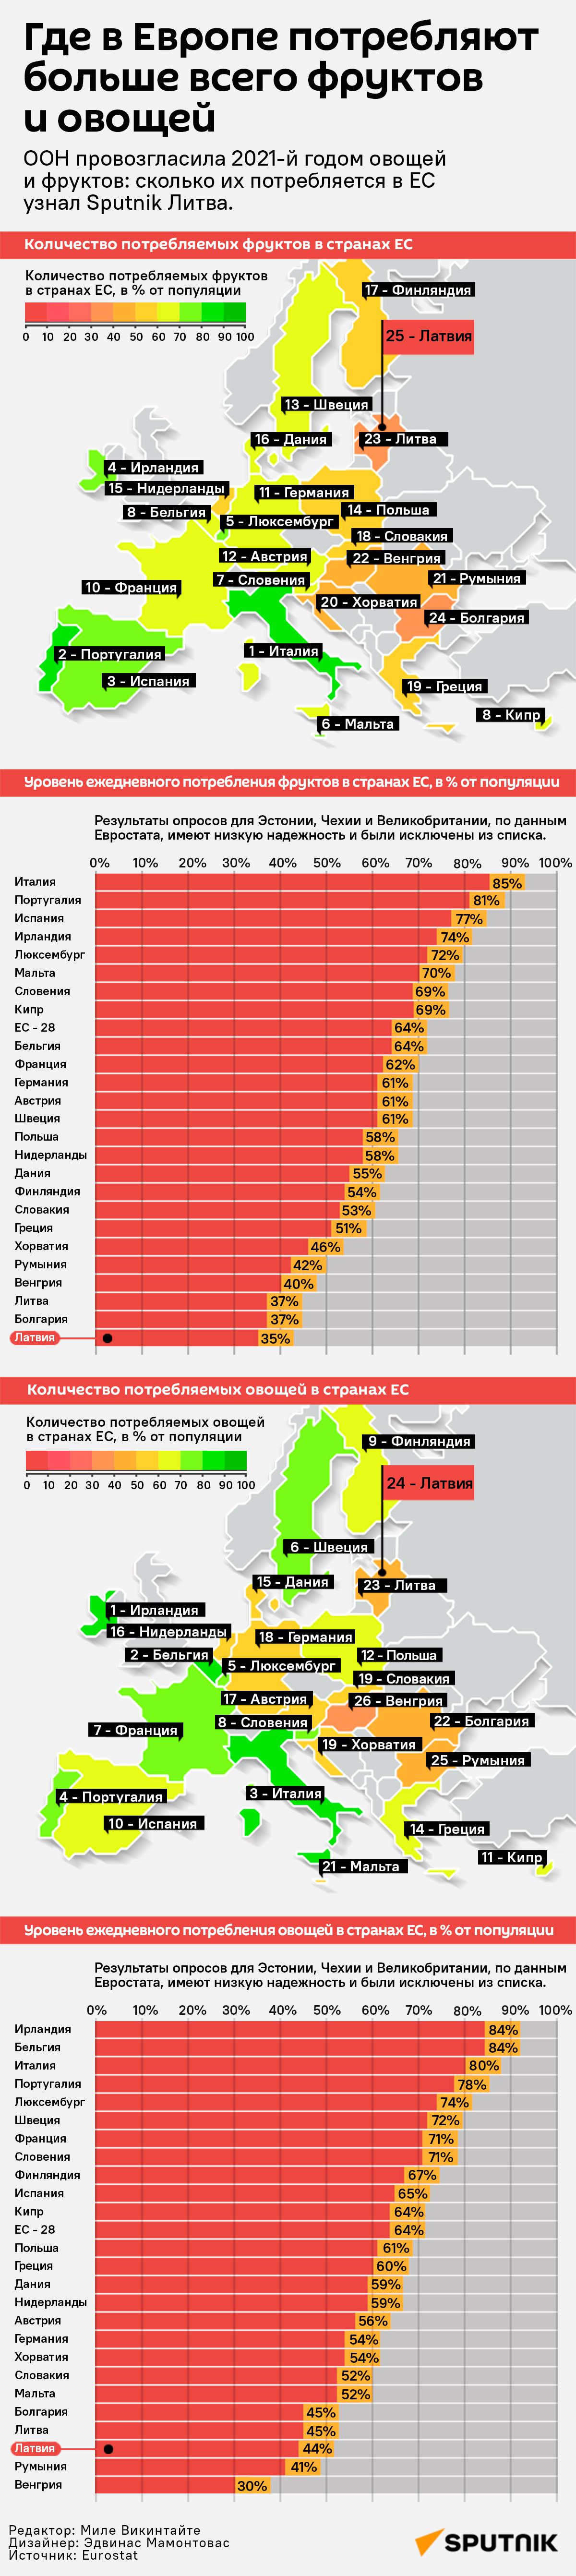 Где в Европе потребляют �больше всего фруктов и �овощей - Sputnik Латвия